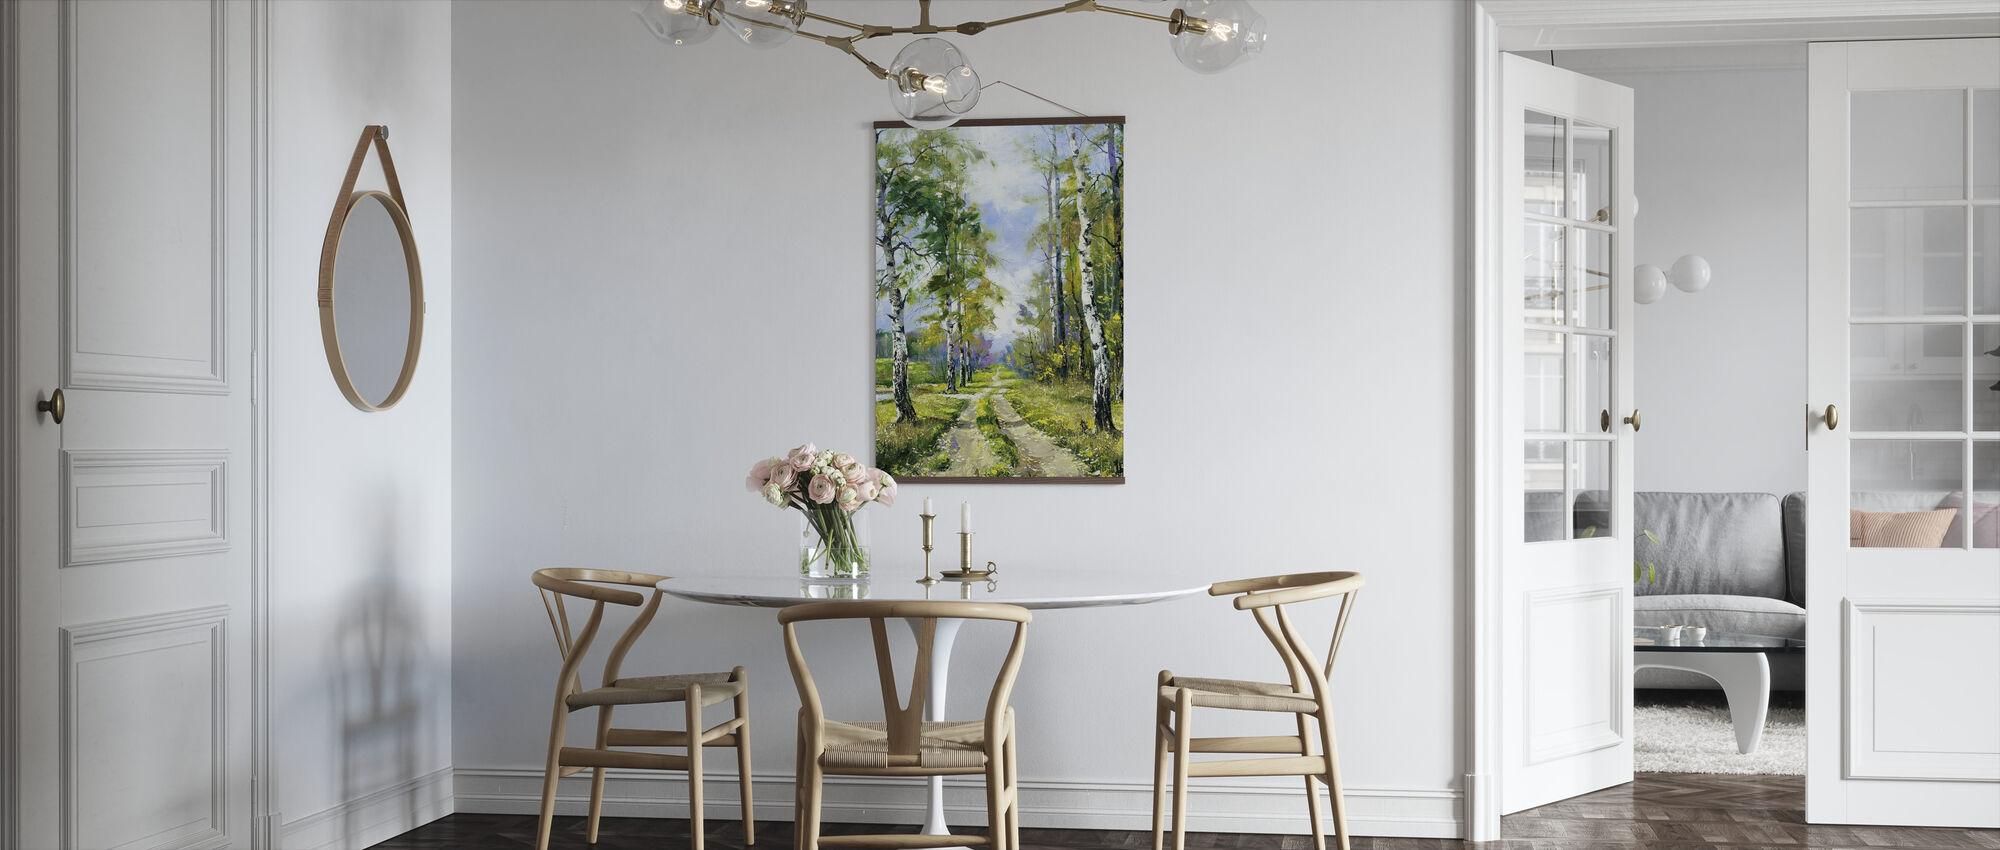 Björk väg - Poster - Kök